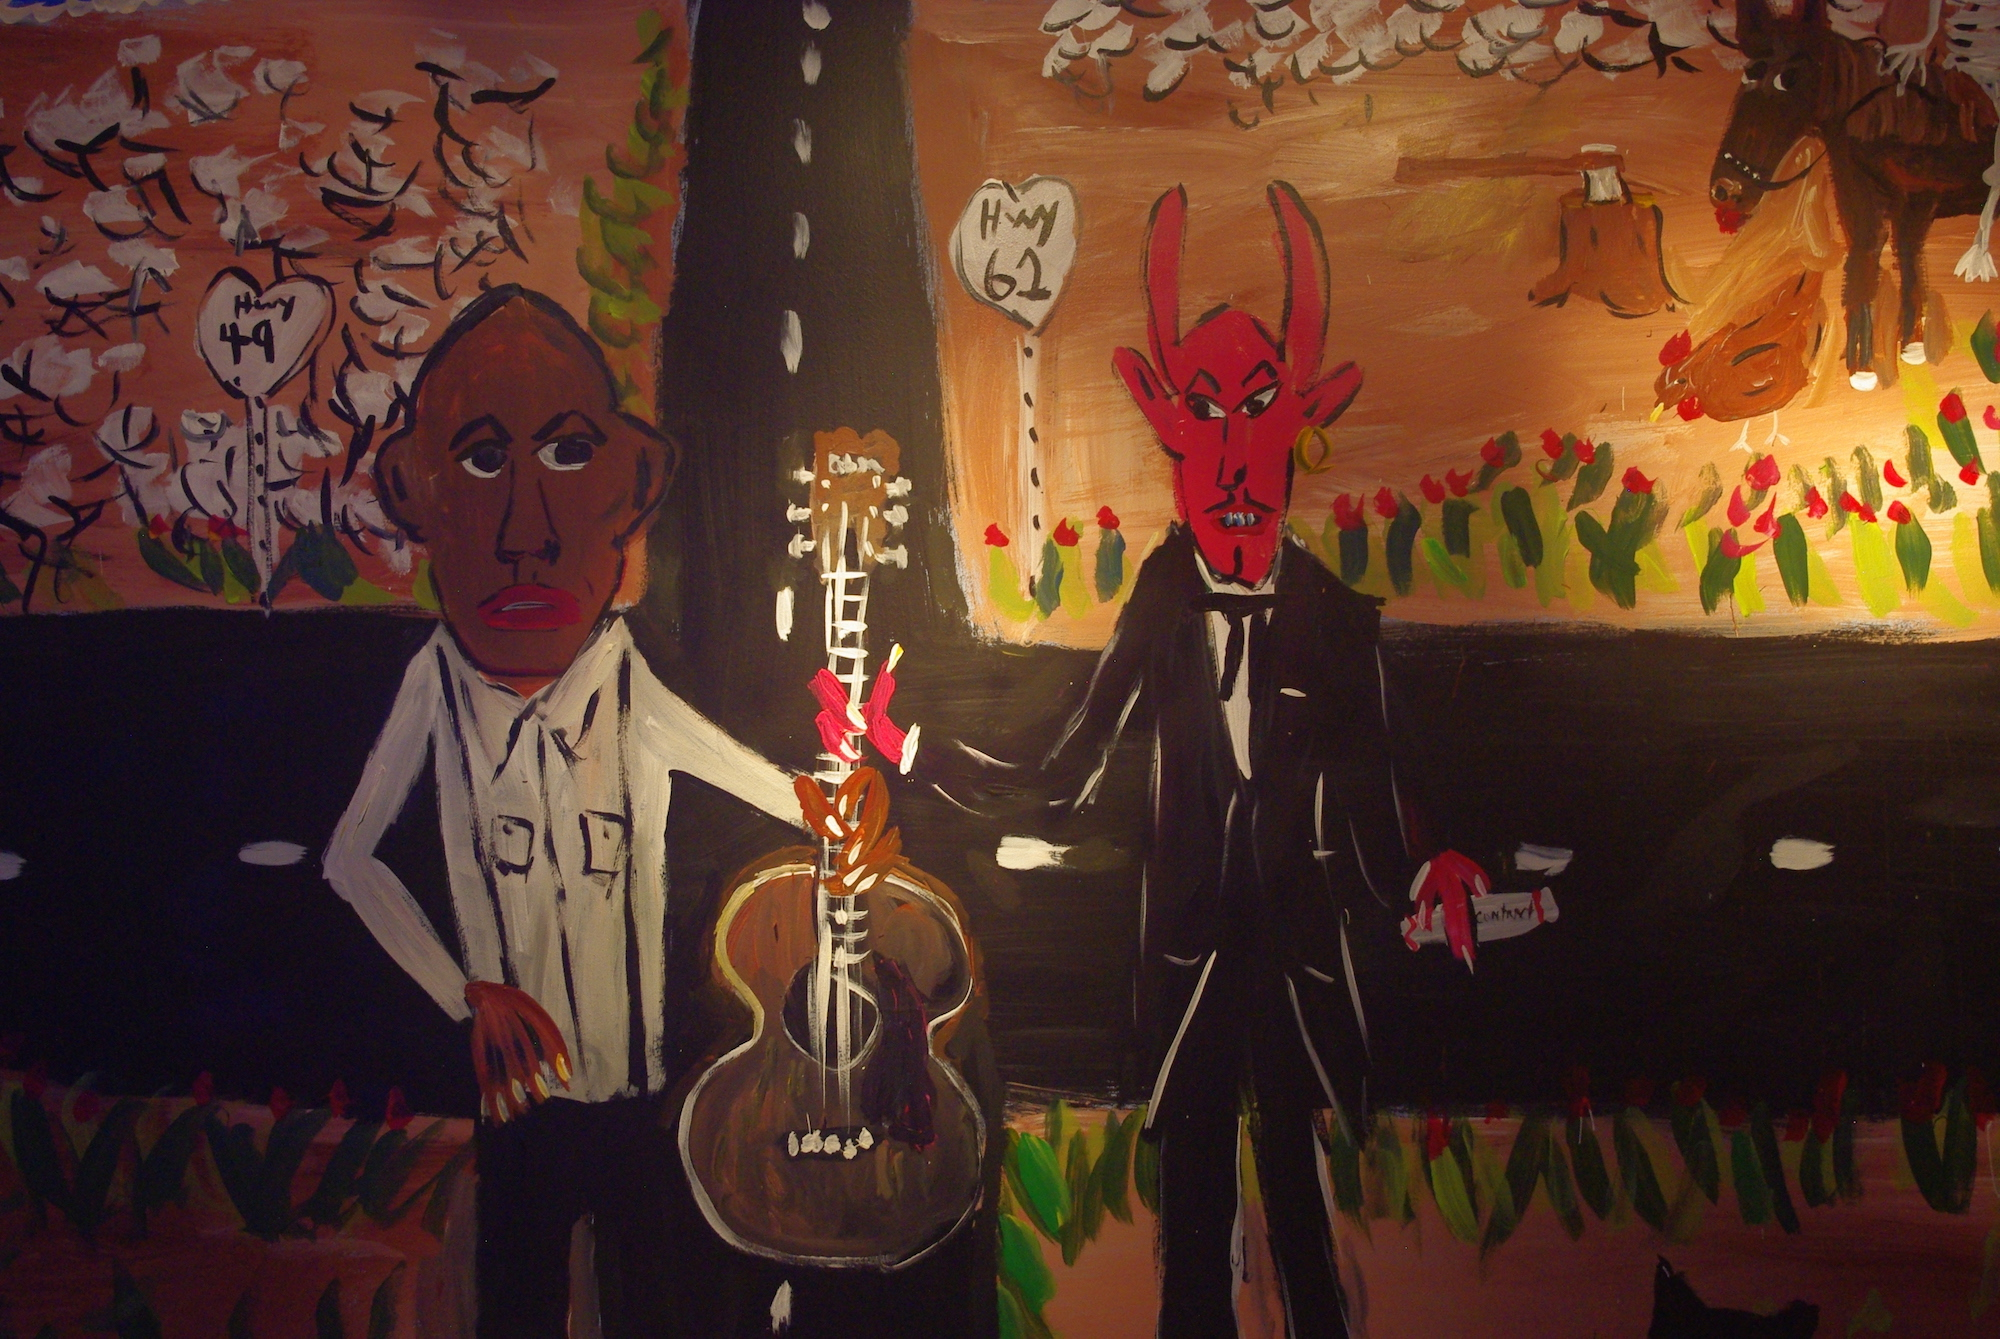 Référence à la rencontre de Robert Johnson et le diable